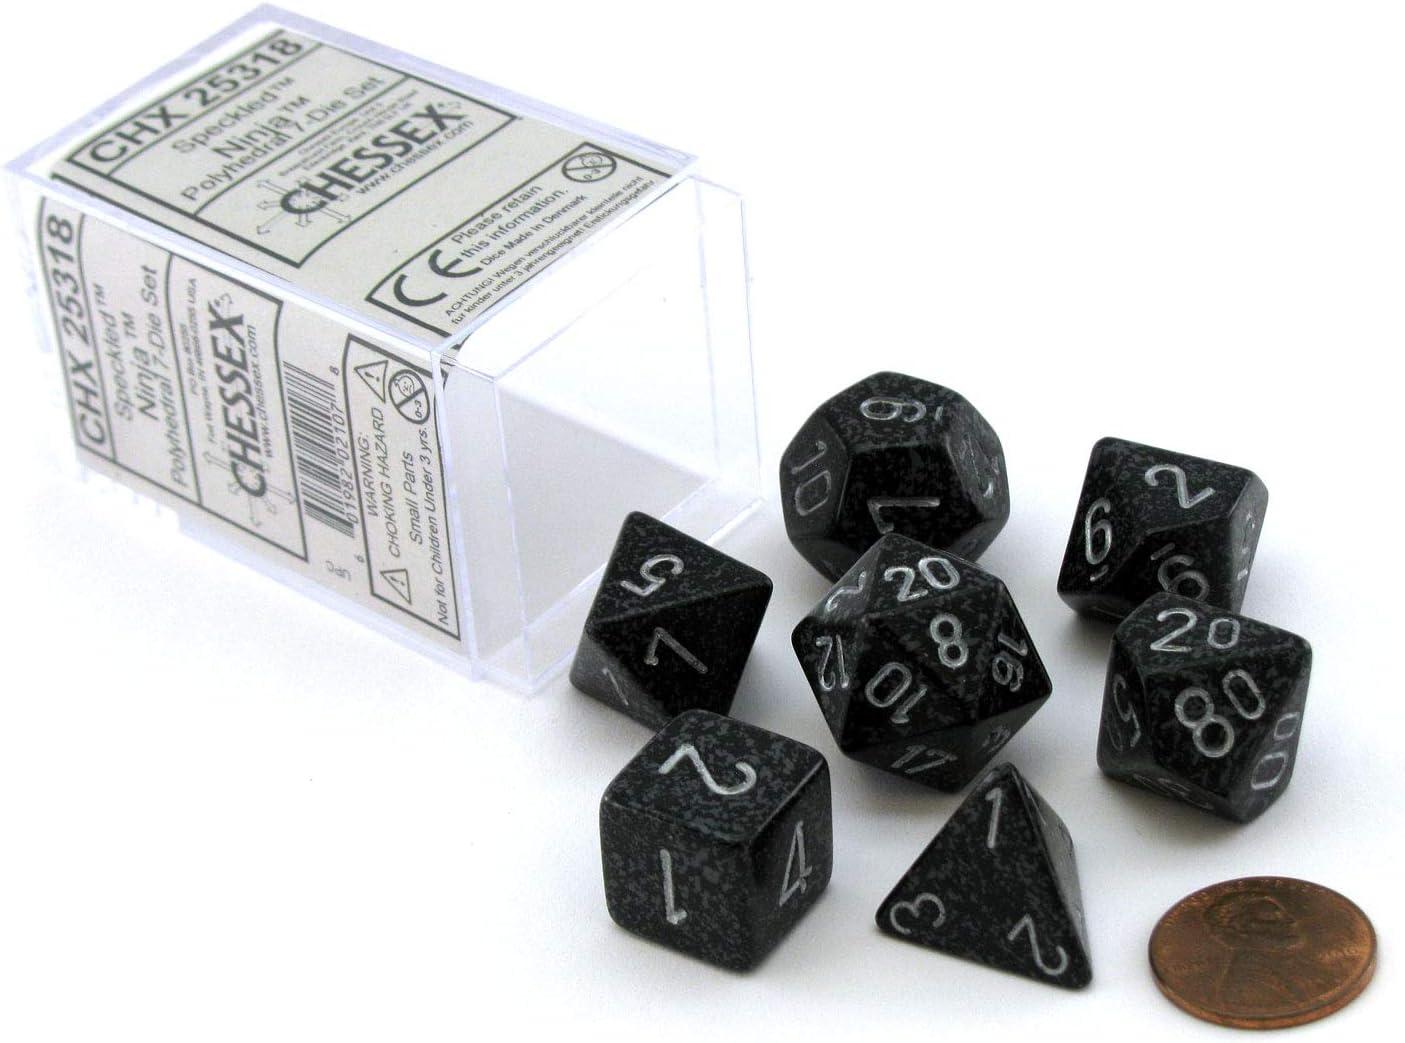 Chessex Dice: Polyhedral 7-Die Speckled Dice Set - Ninja